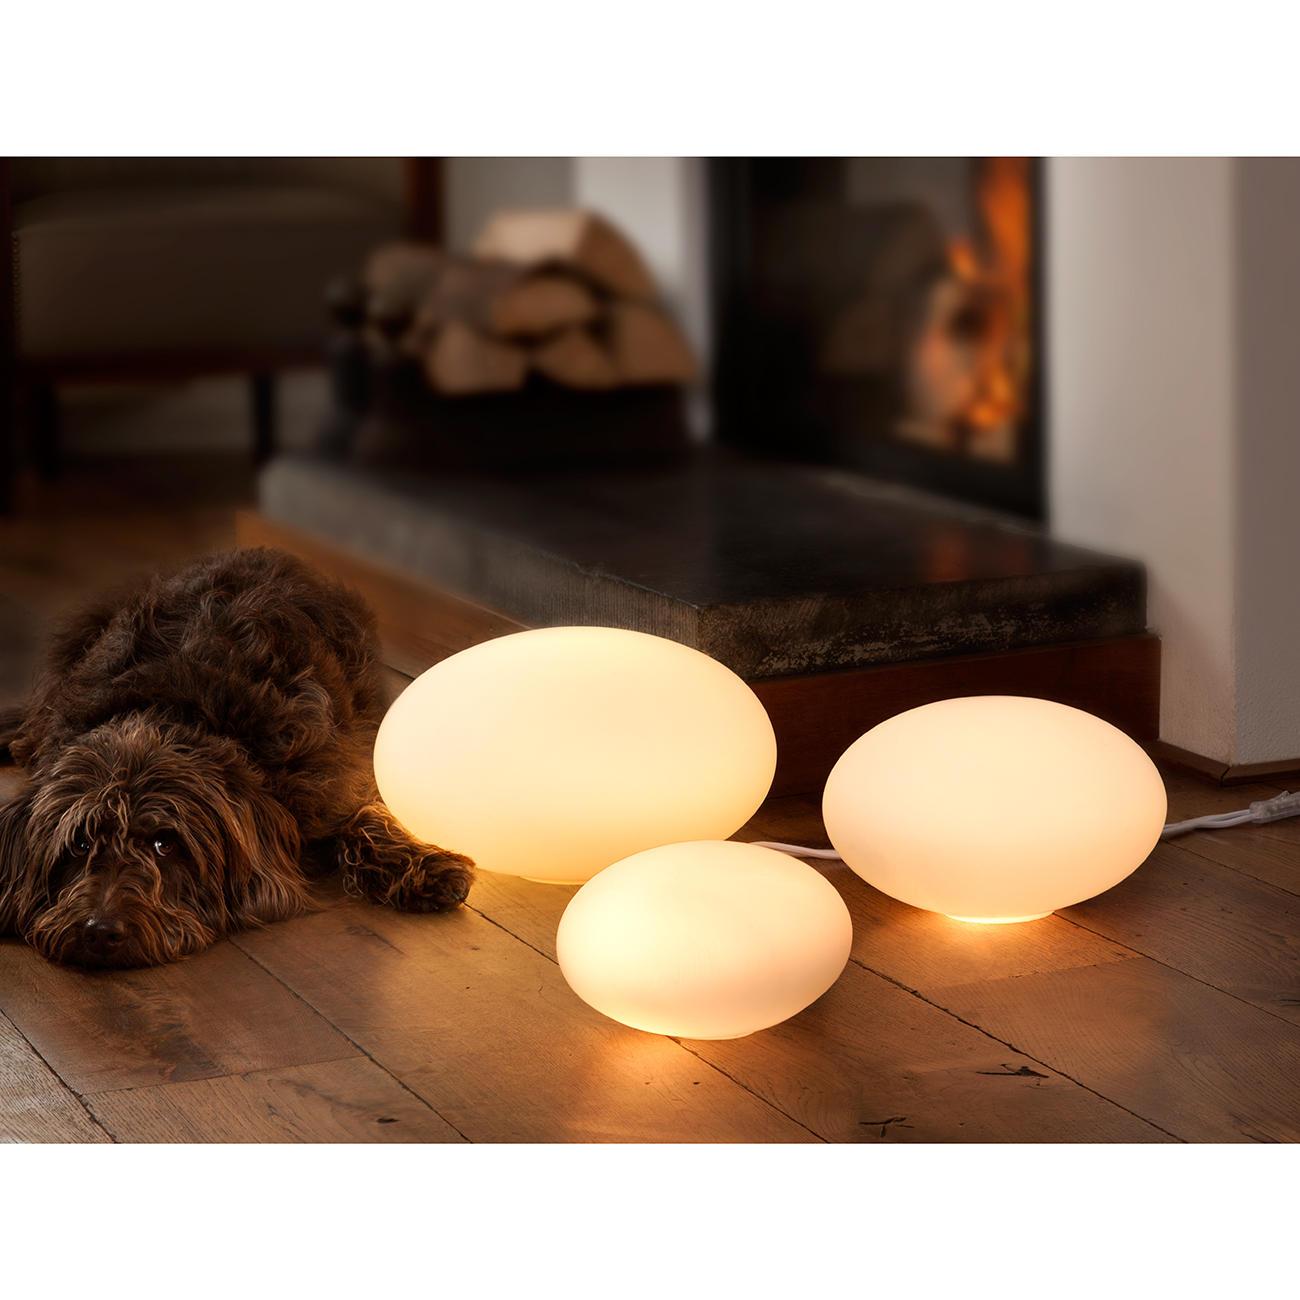 Lampen mit Pro-Idee-Service und -Garantie bestellen.